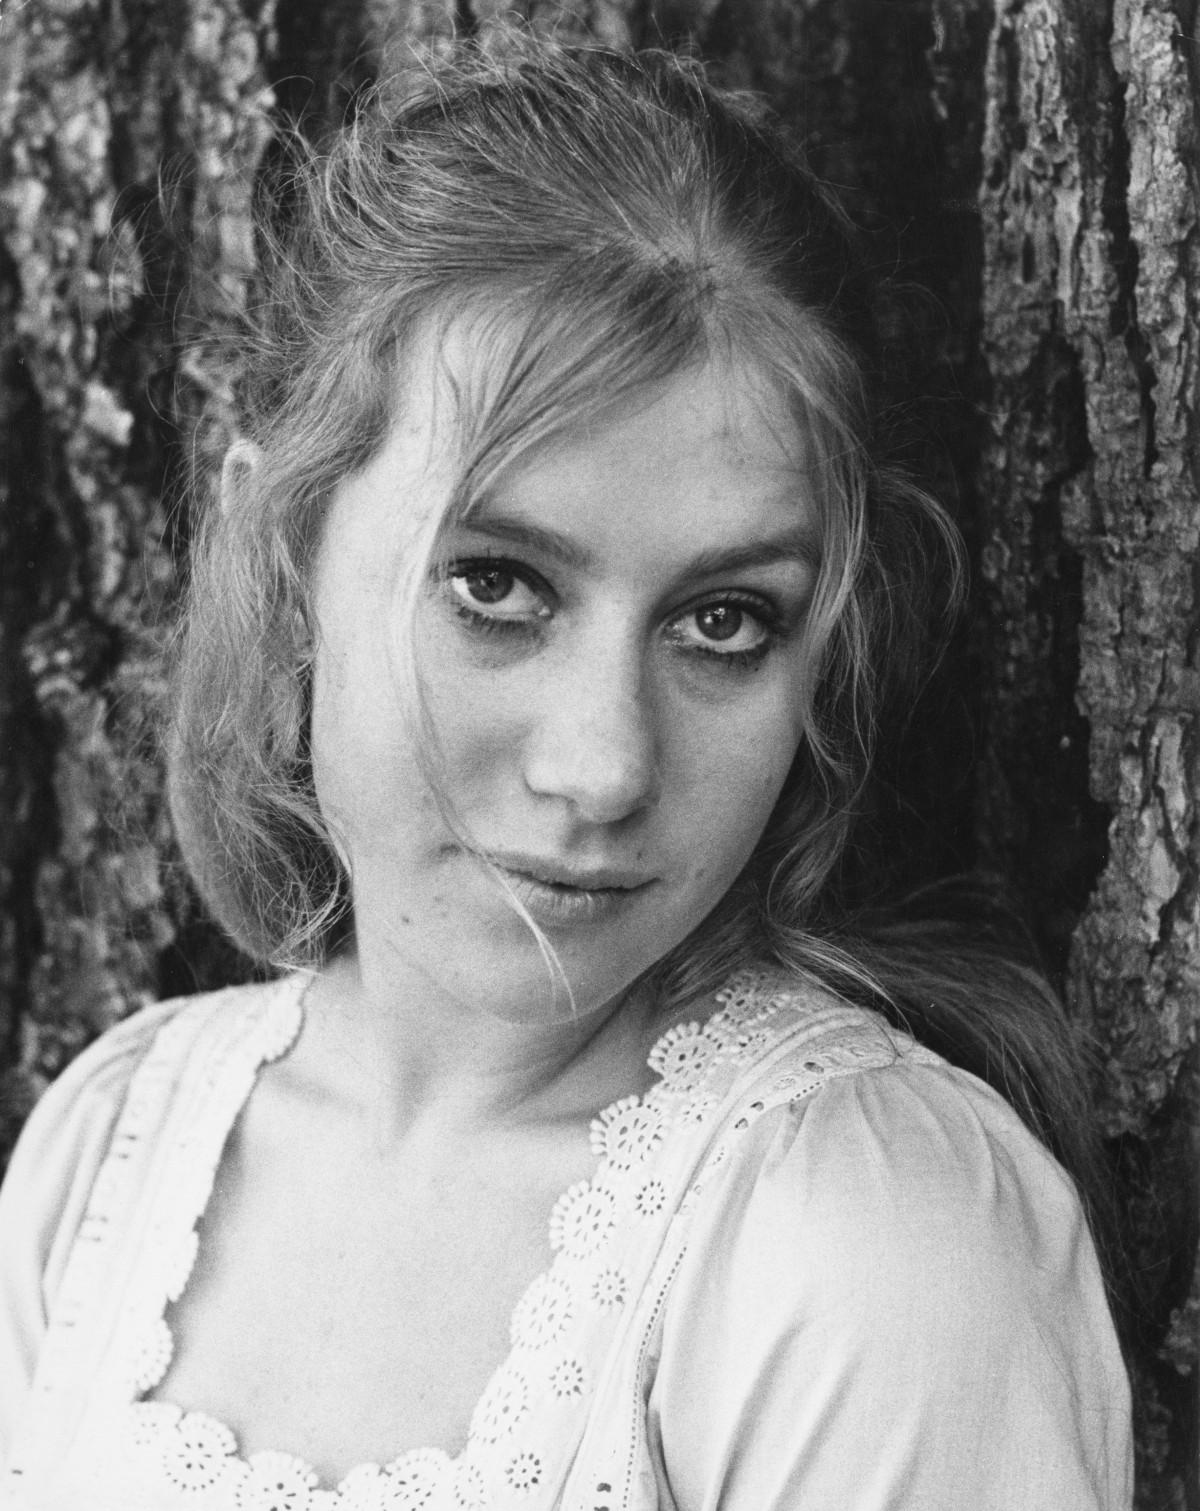 хелен миррен фото молодая